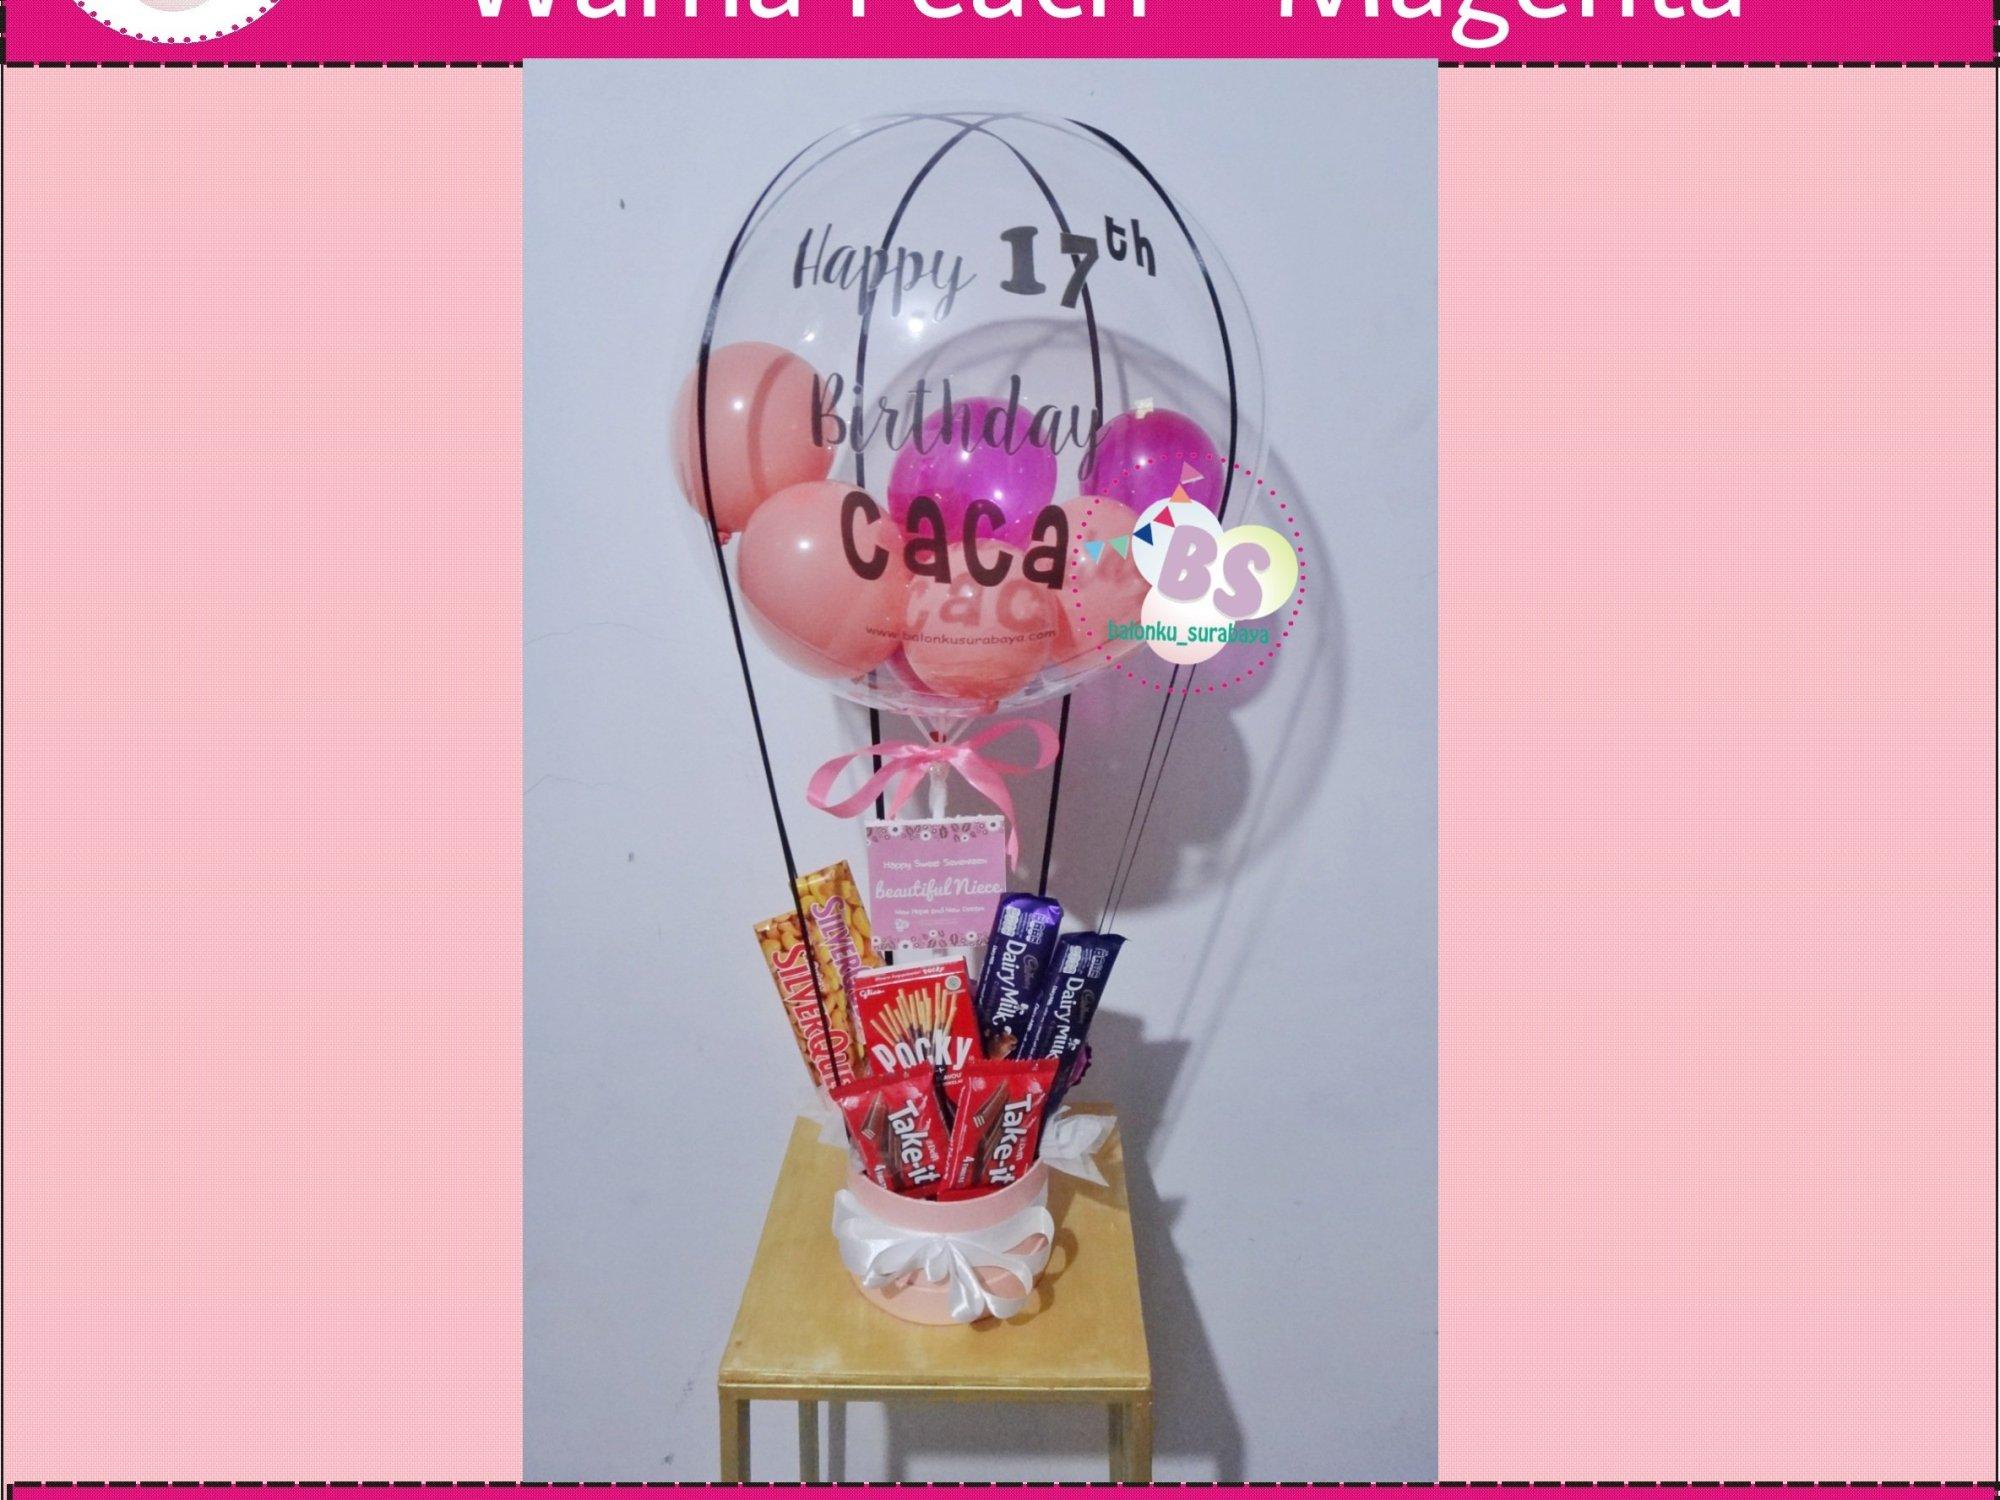 parcel balon snack, jual balon latex twist hijau emerald, BAlon Gas,Bunga dekorasi,Rangkaian bunga artificial, Buket bunga, buket bunga mawar, harga buket bunga,Balon sablon, balon Printing, balon promosi, Perlengkapan ulang tahun, Balon latex , balon doff, balon natal, balon agustusan, balon dekorasi, balonku Surabaya, 085733133529